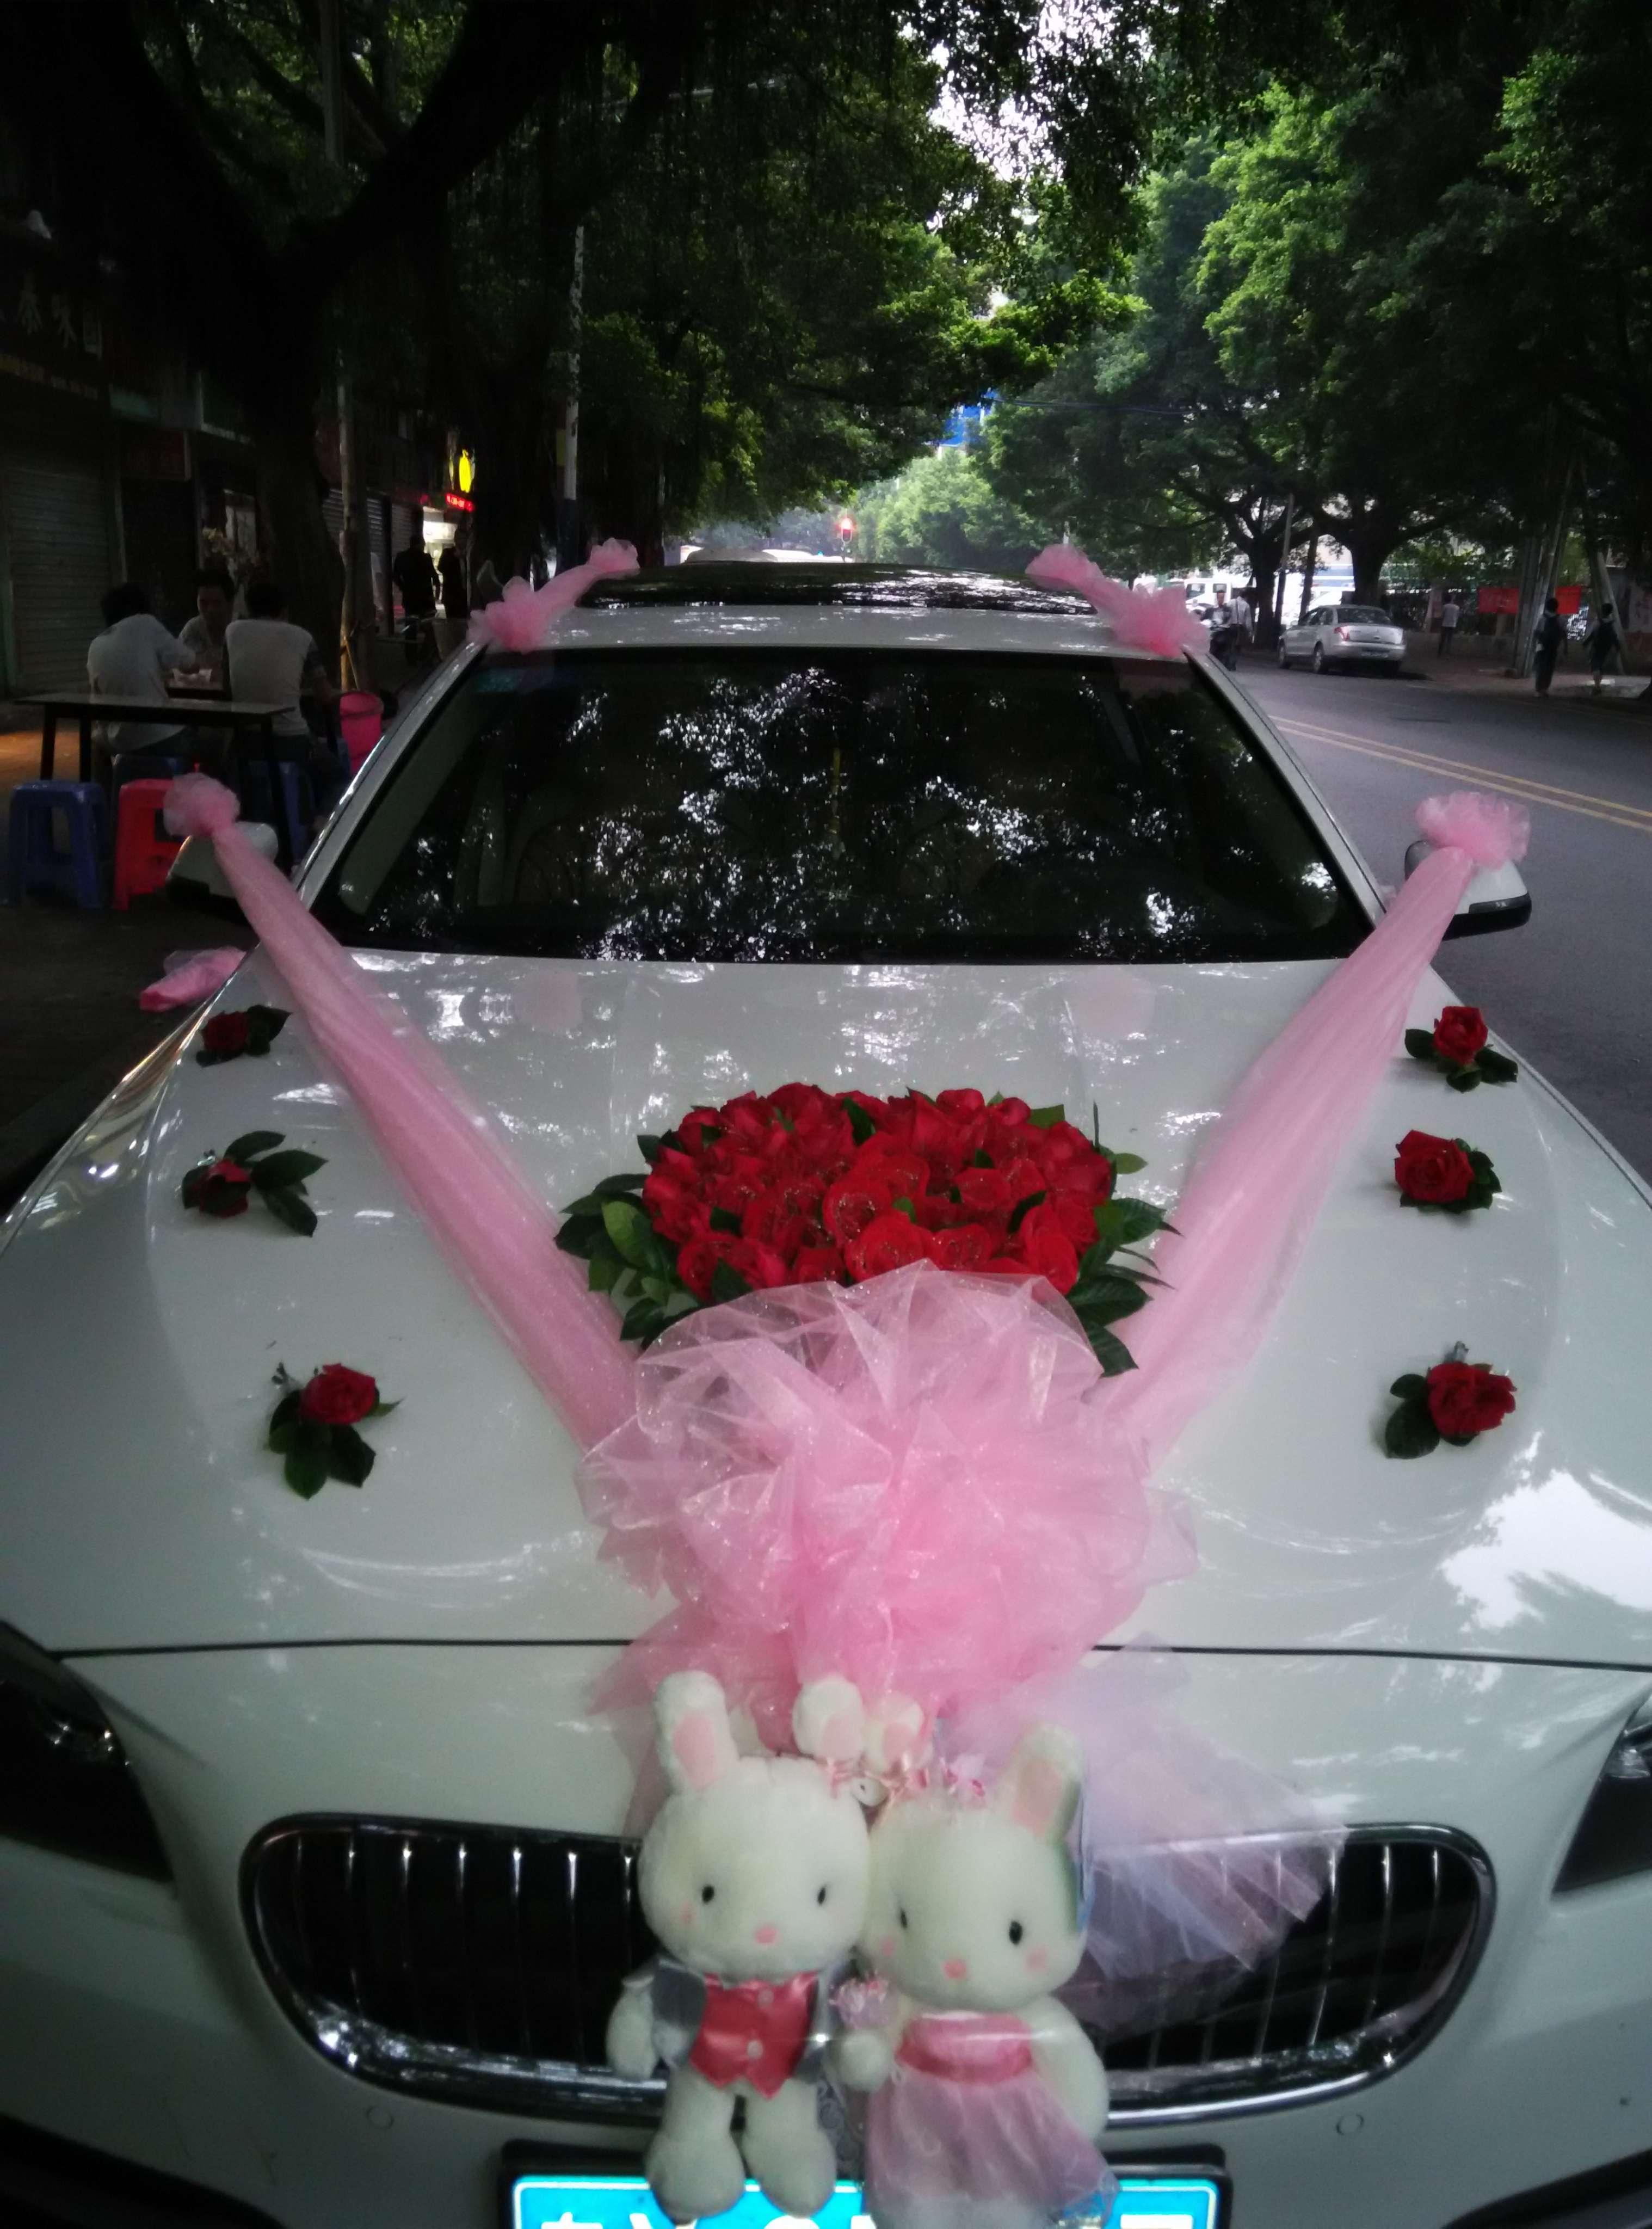 鲜花花束装饰+v型丝带装饰+鲜花点缀装饰车头 鲜花 婚庆婚车套餐